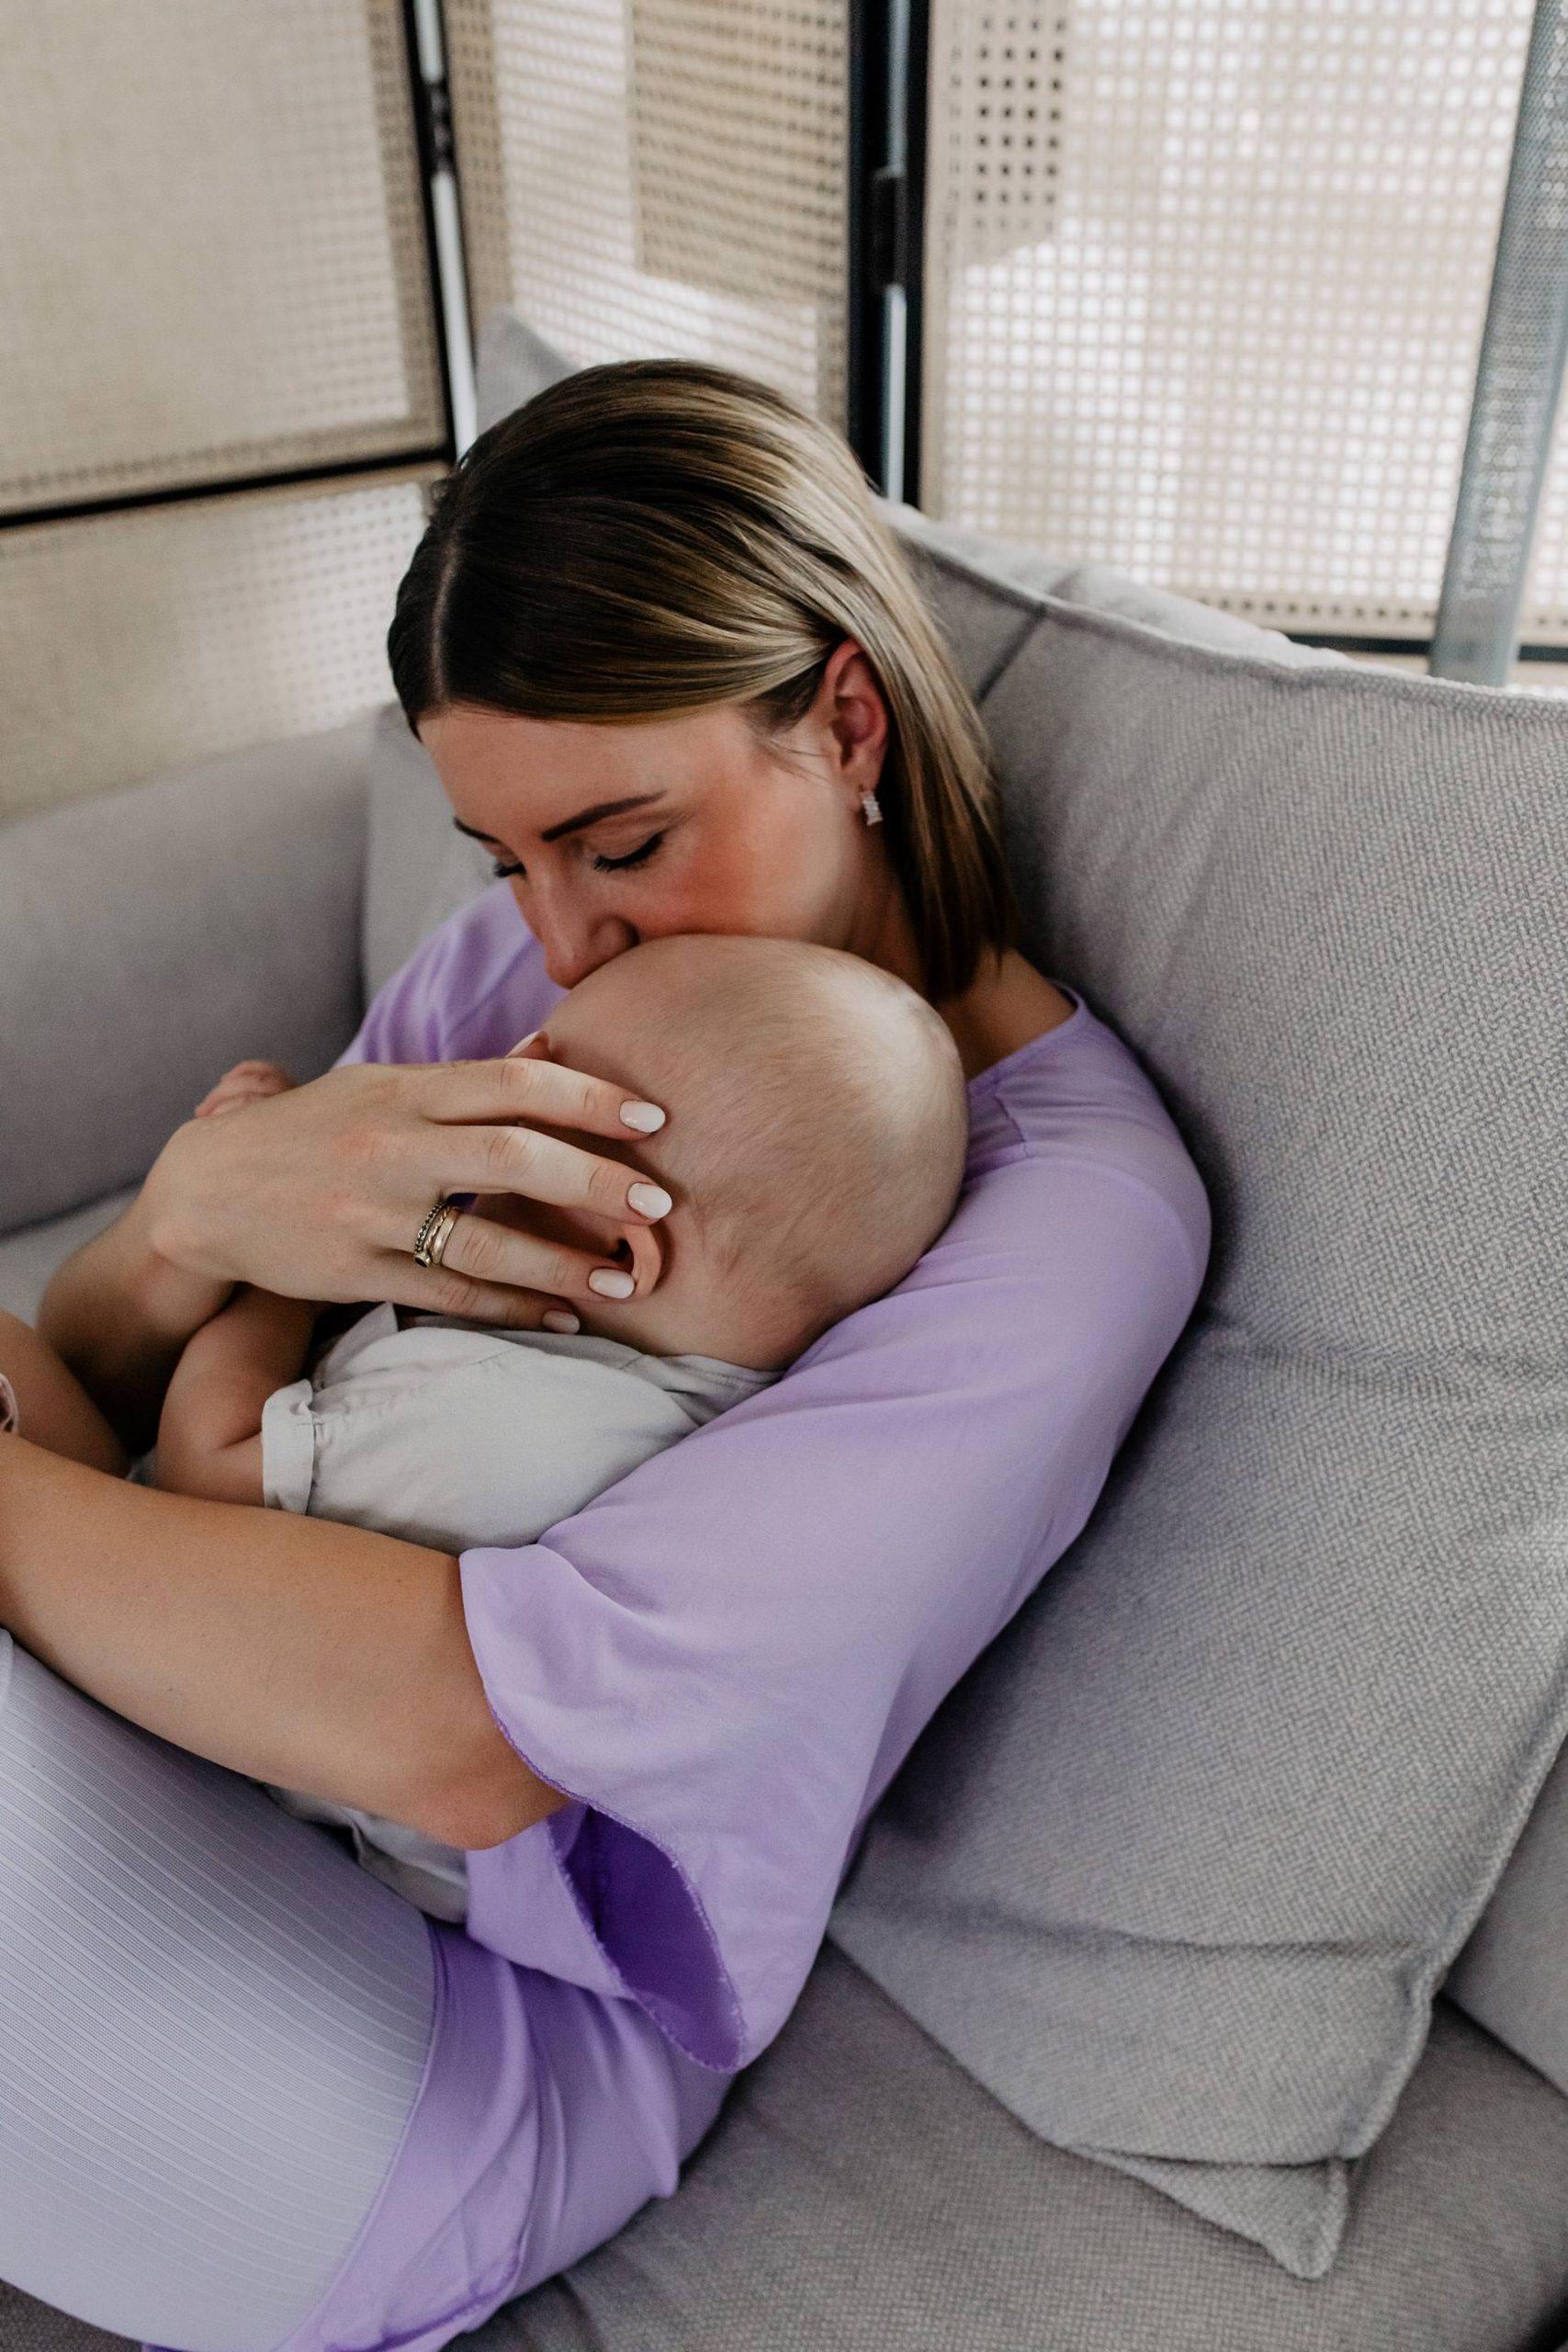 Anzeige. Am Mamablog widmen wir uns heite dem umfangreichen ThemaProbiotika für Babys und wie du die Darmgesundheit fördern kannst. www.whoismocca.com